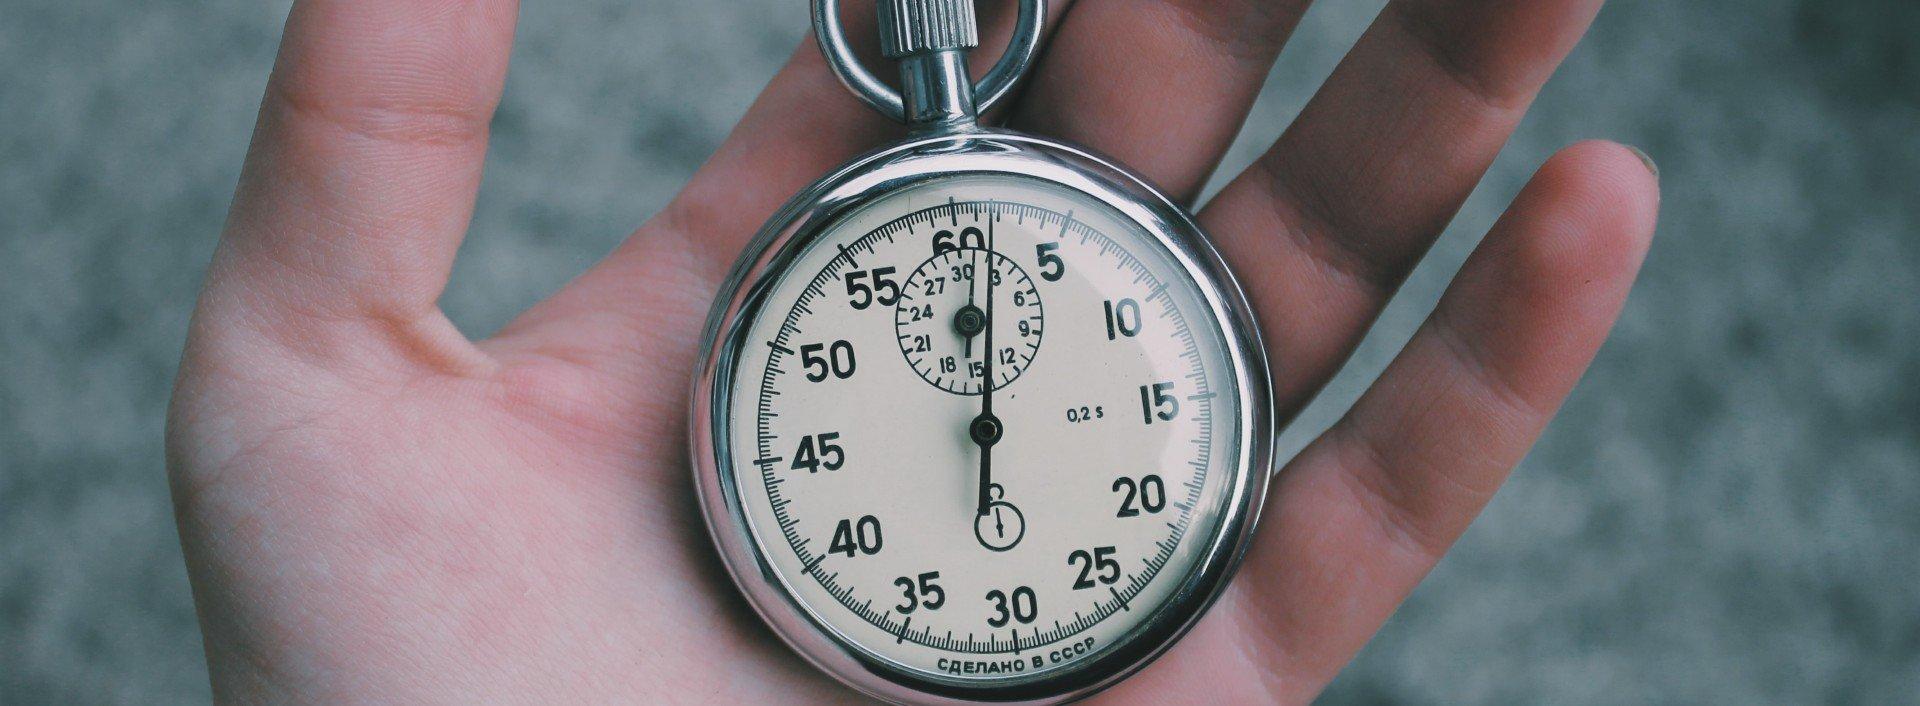 Eine Person hält eine Stoppuhr. Minute ist eines der vielen Heteronyme im Englischen.